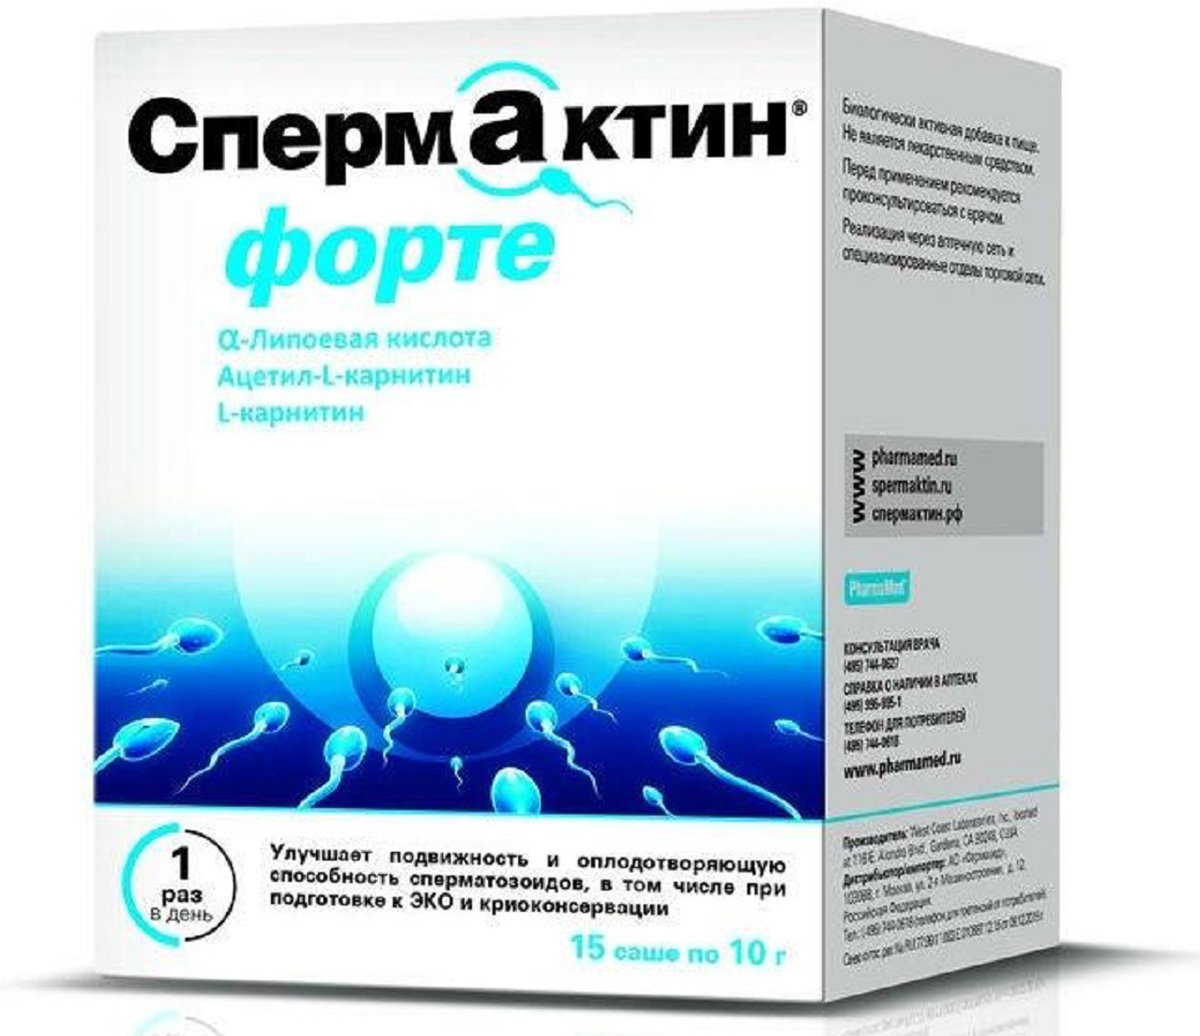 Спермактин форте саше 10г №15219БАД к пище. Улучшает спрематогенез, увеличивает подвижность сперматозоидов, улучшает оплодотворяющую способность сперматозоидов Сфера применения: УрологияОбщеукрепляющее